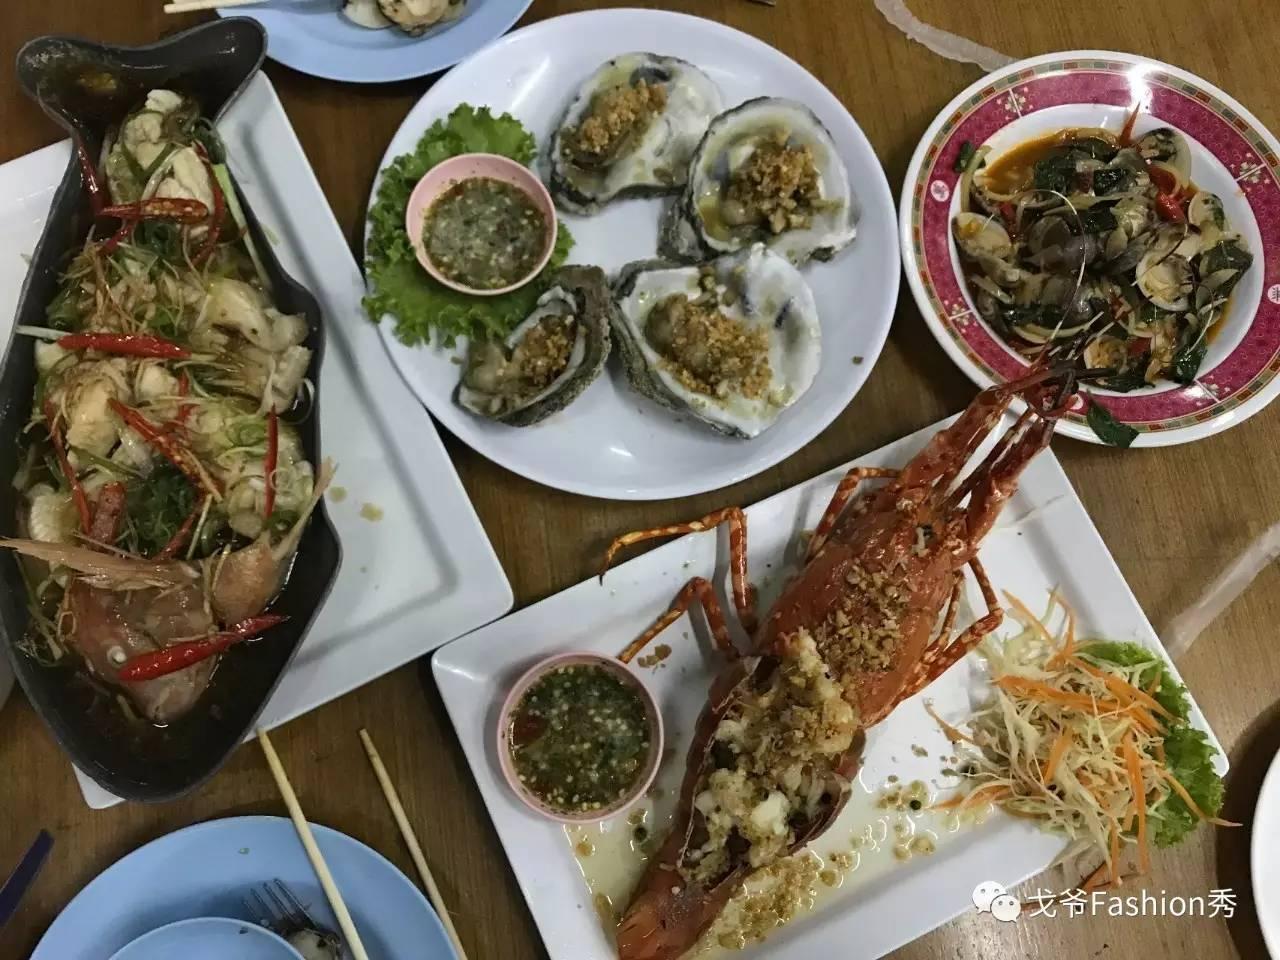 通过大众点评,选择了苏梅岛最大海鲜市场,味道不错